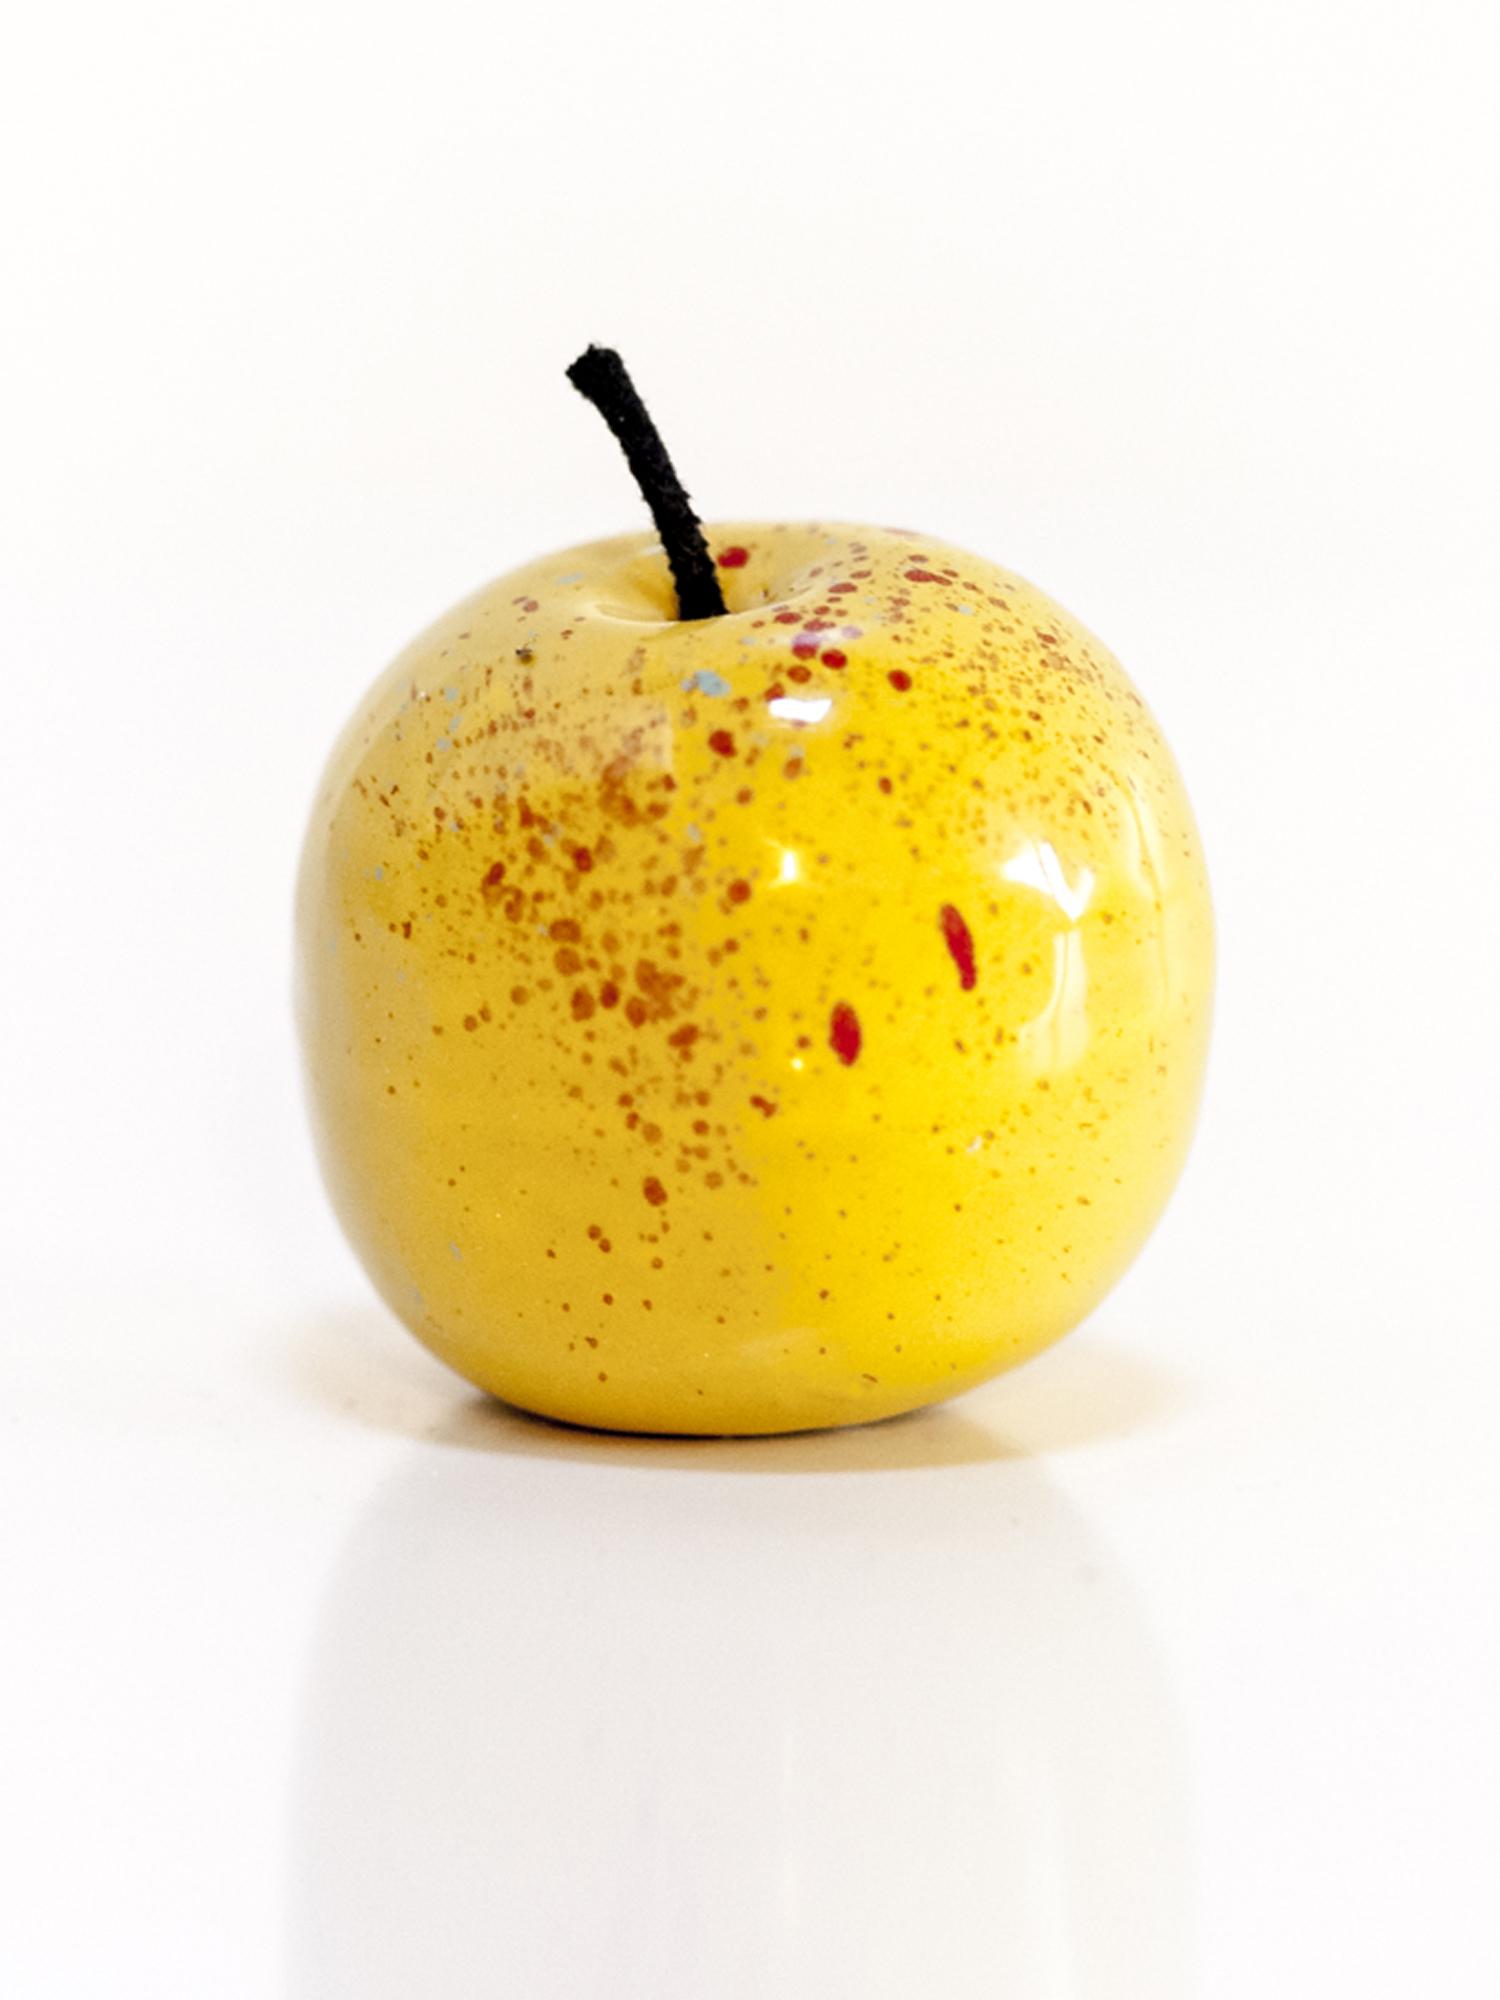 Immagine di mela in ceramica su sfondo bianco